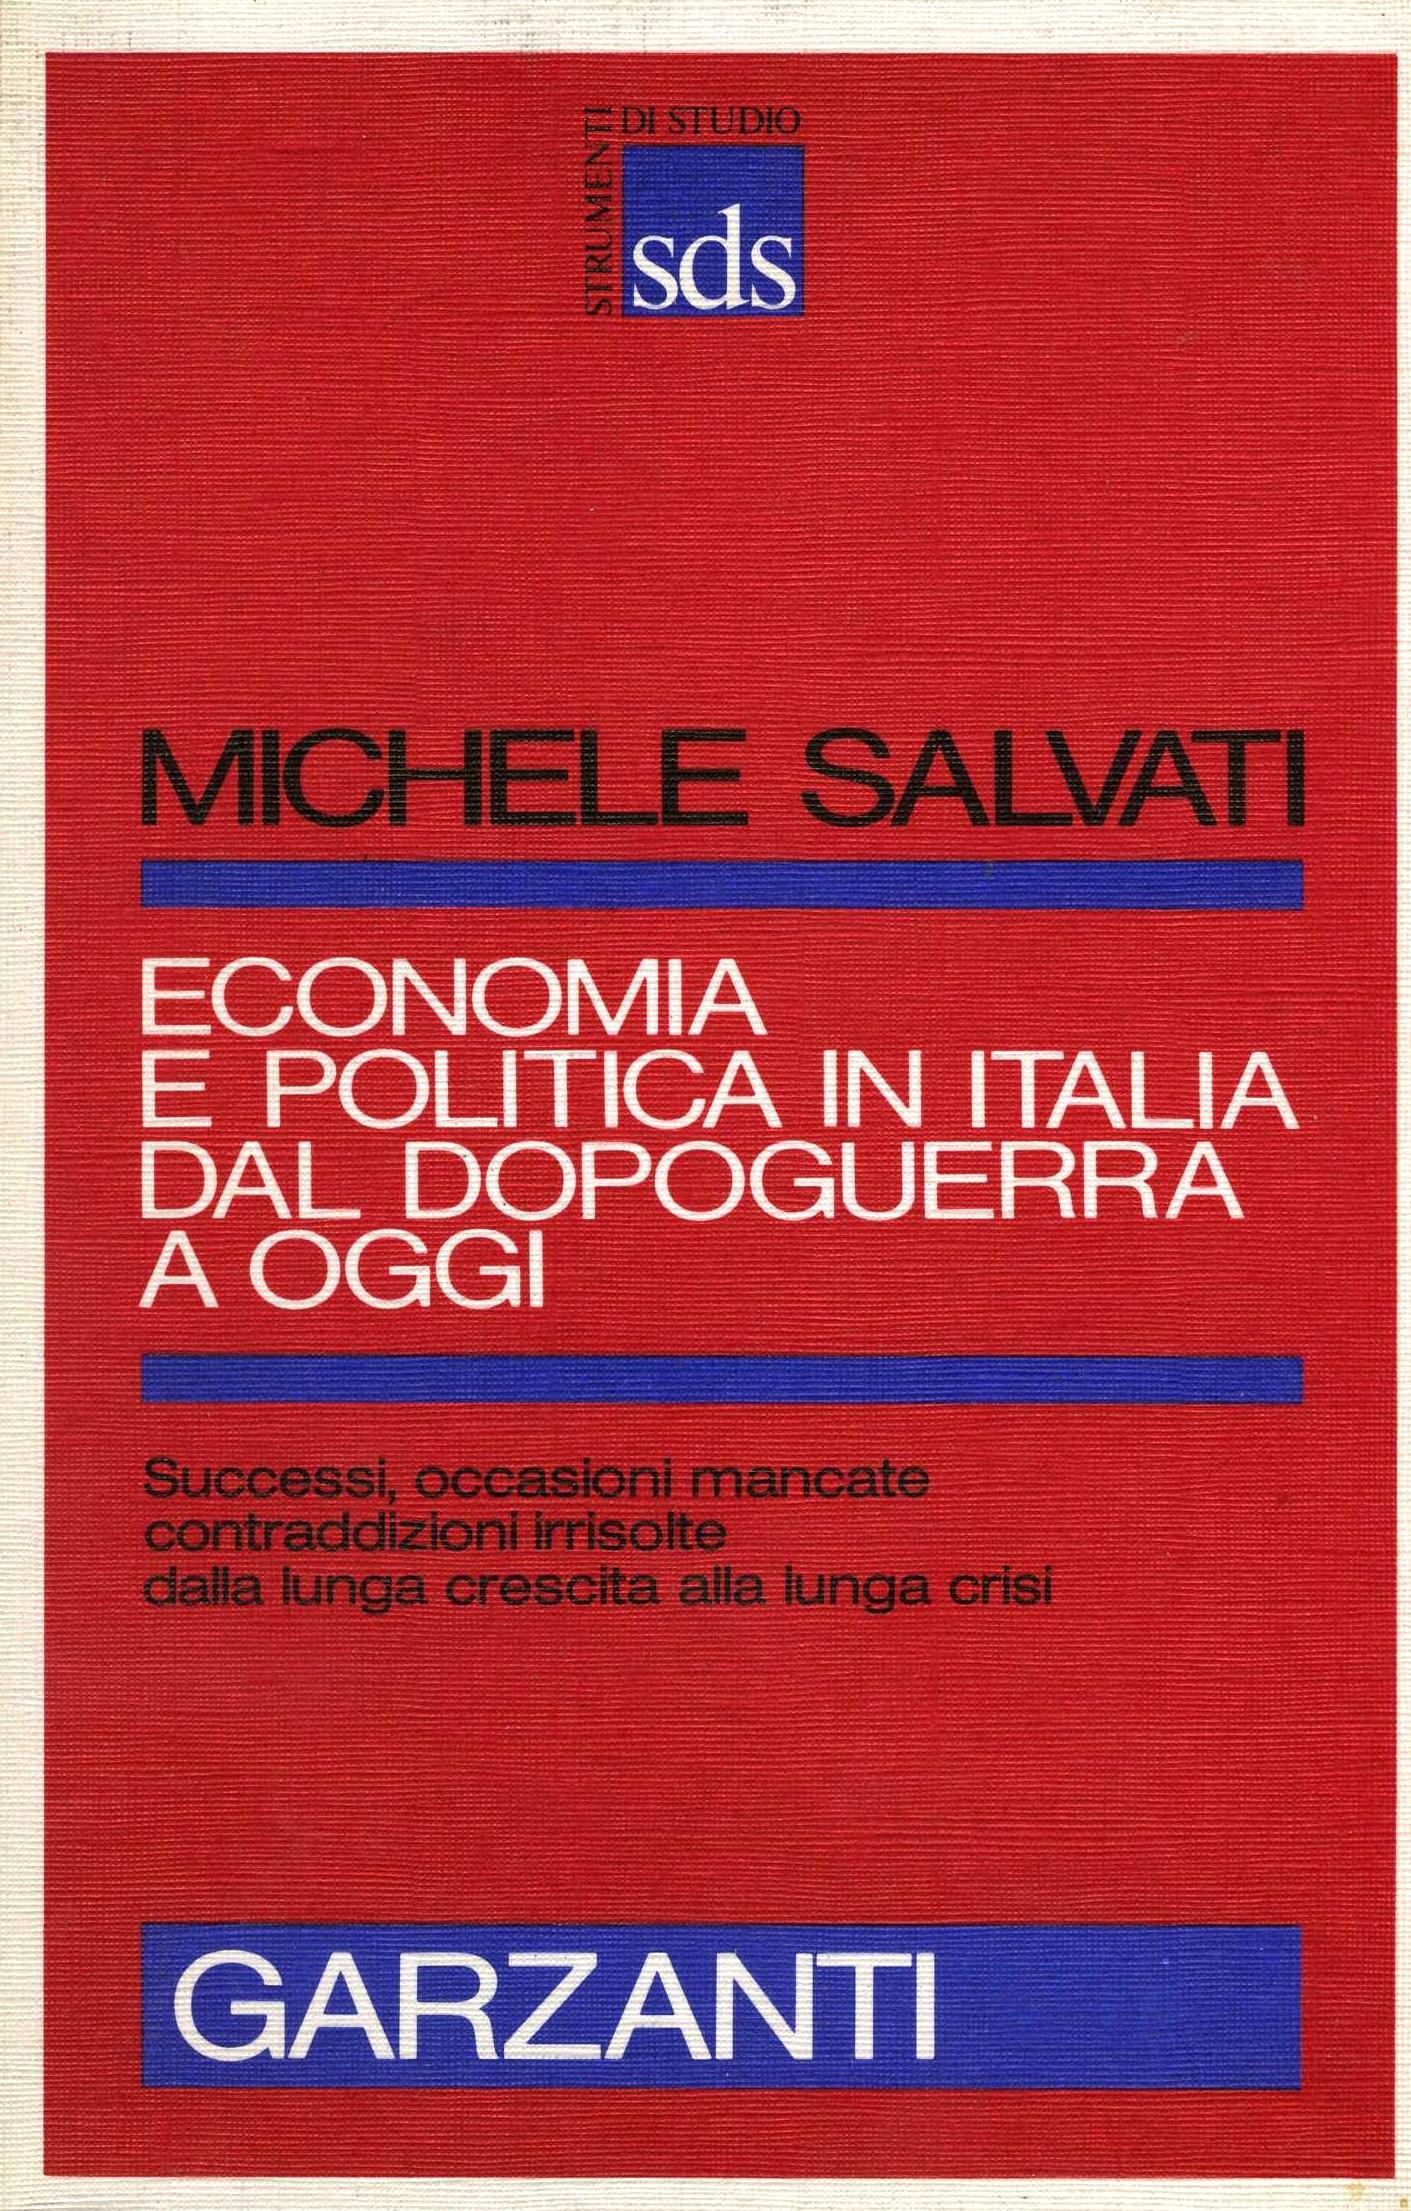 Economia e politica in Italia dal dopoguerra a oggi